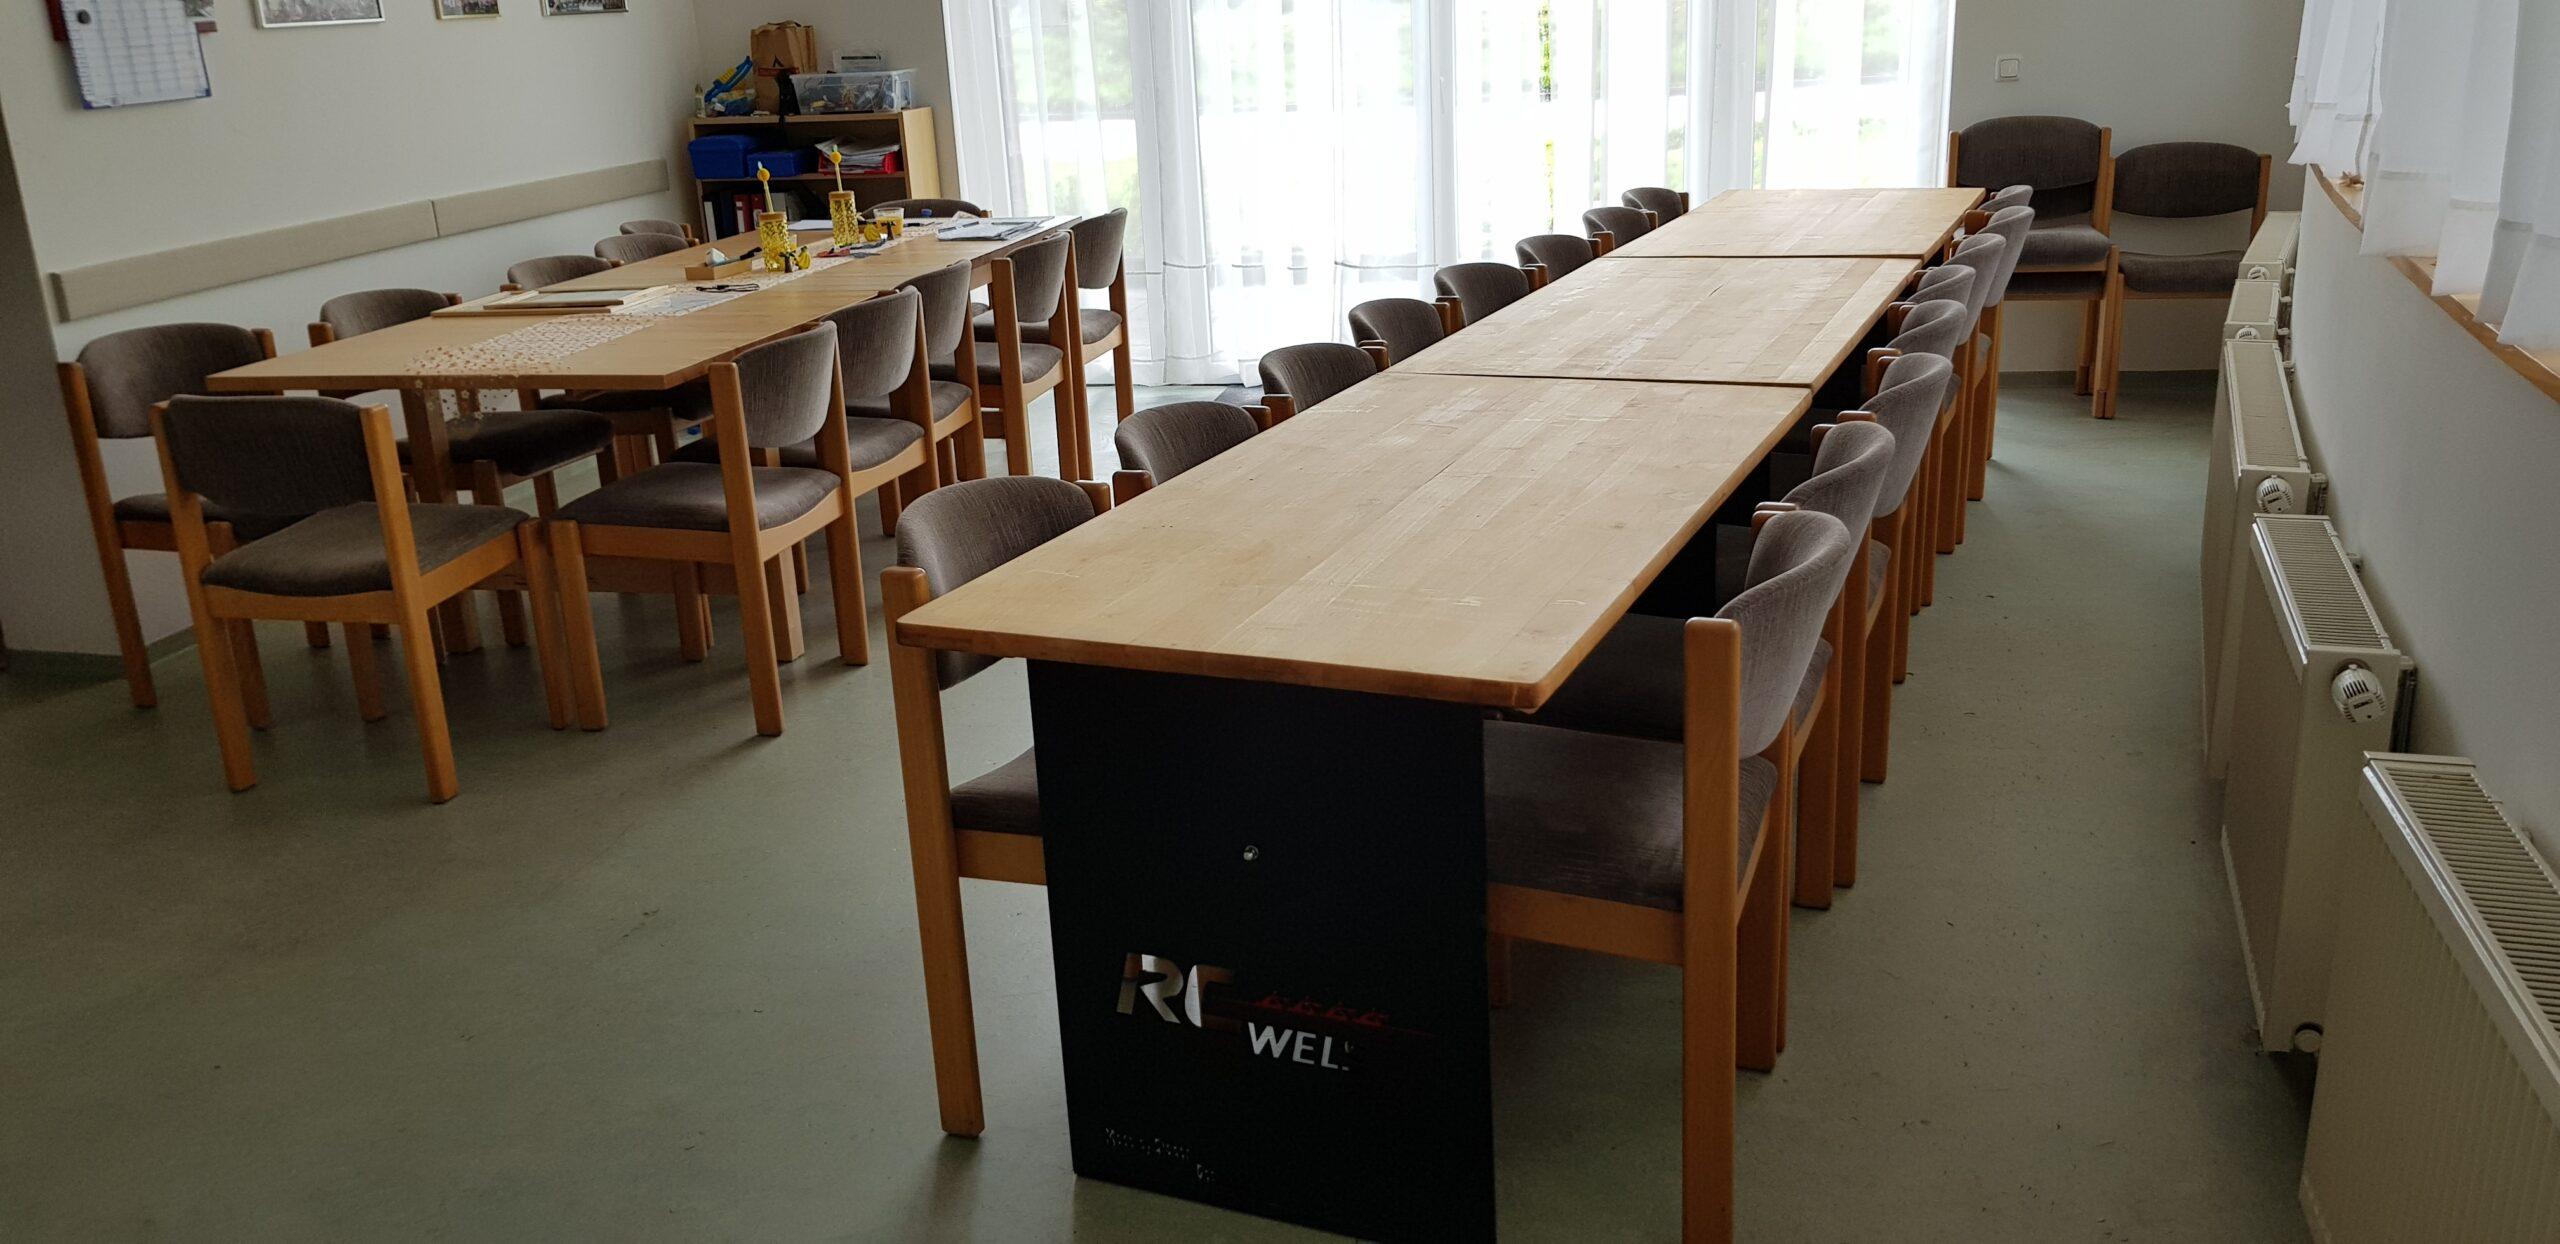 RCW Clubraum